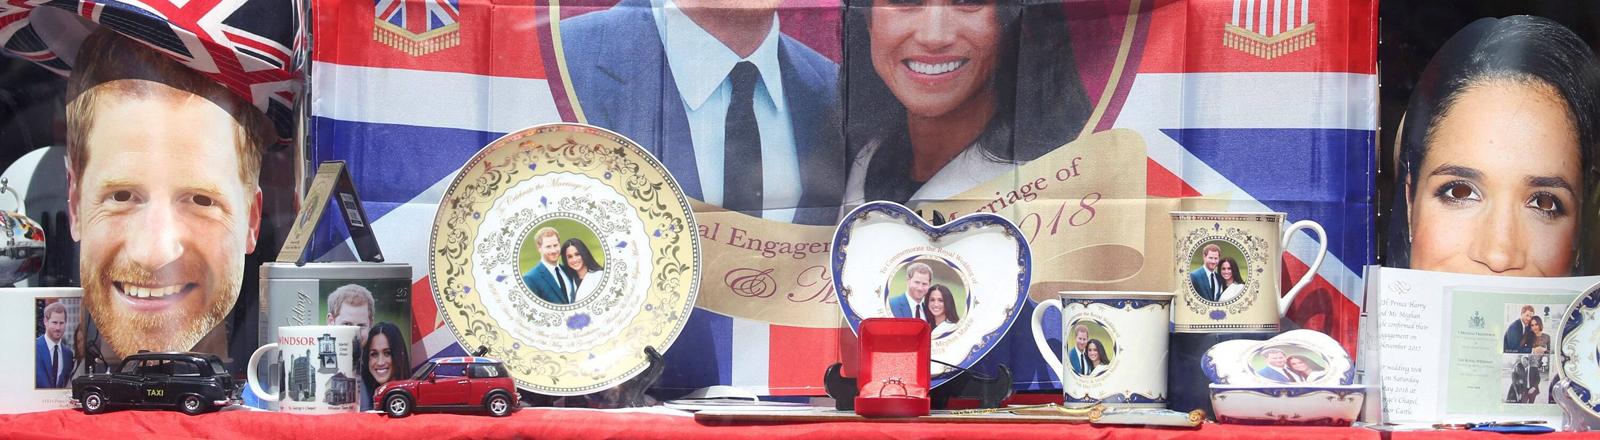 Hochzeitssouvenirs mit dem Bild von Prinz Harry und Meghan Markle